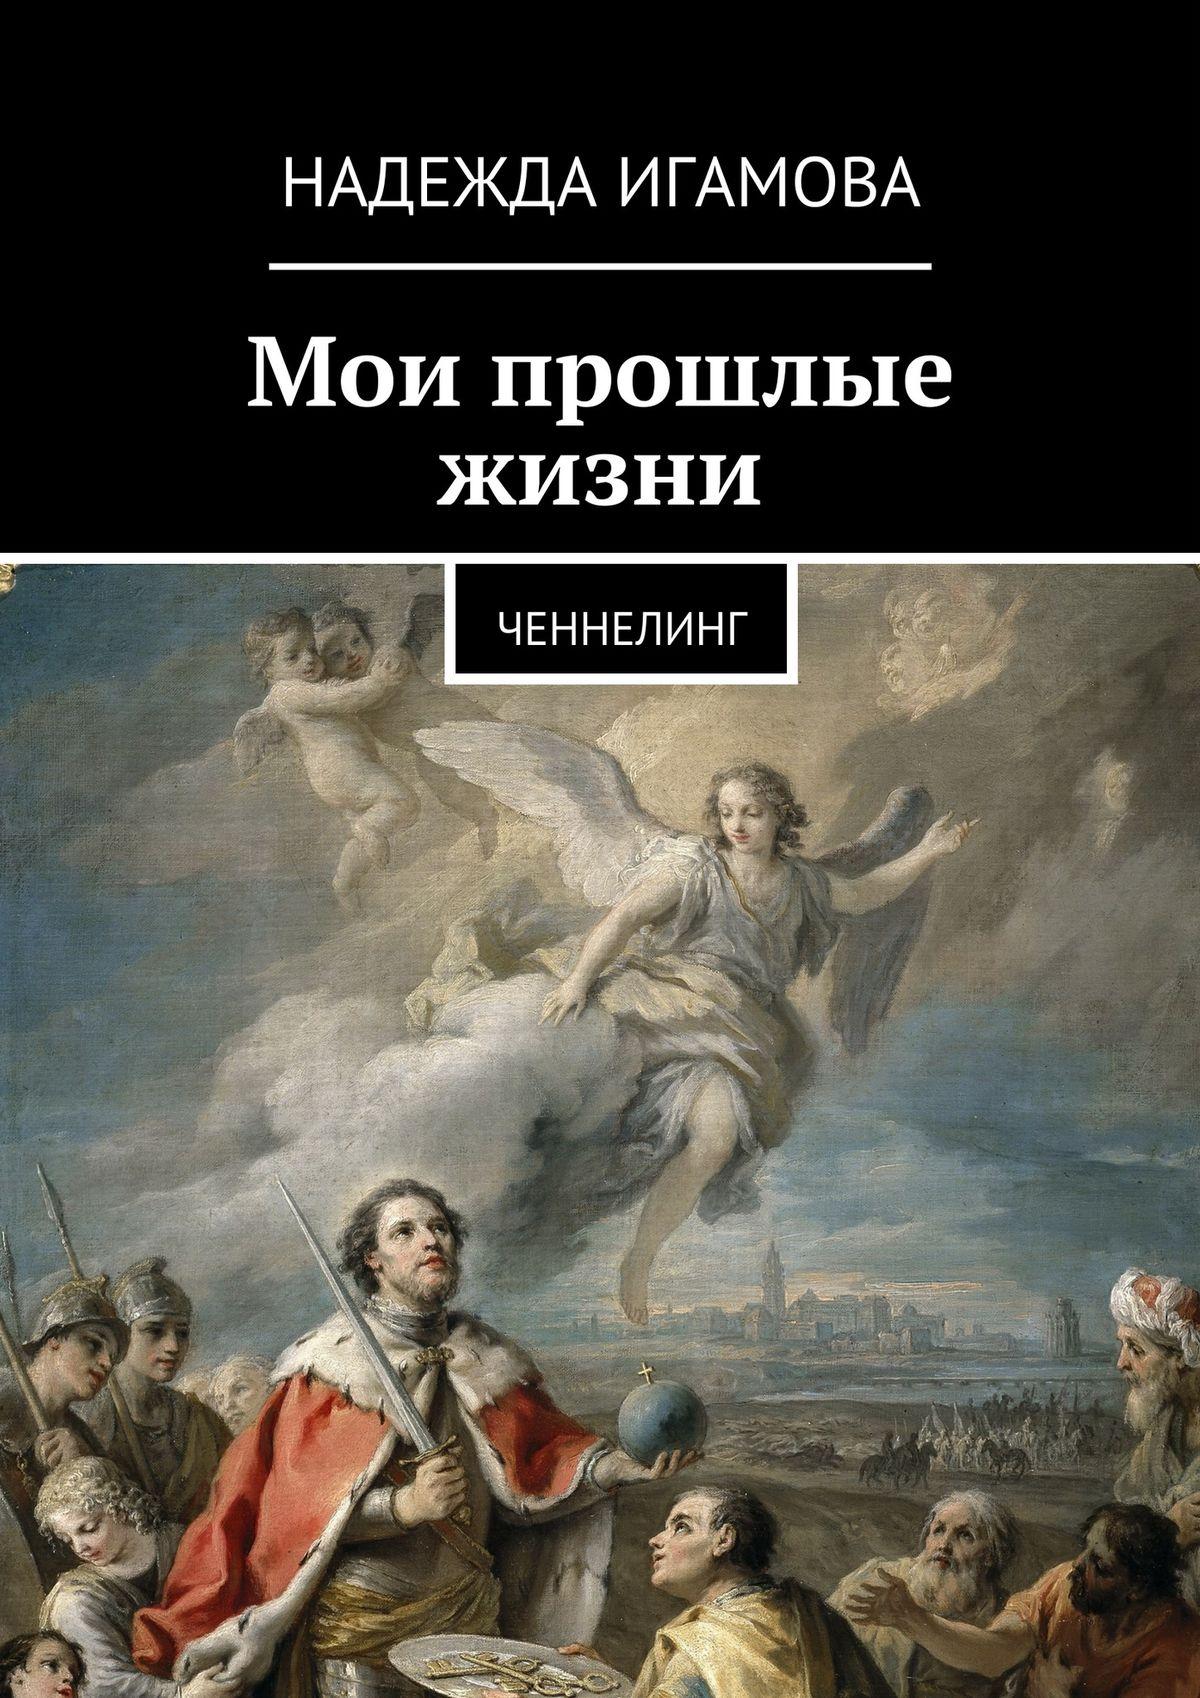 цена на Надежда Васильевна Игамова Мои прошлые жизни. Ченнелинг